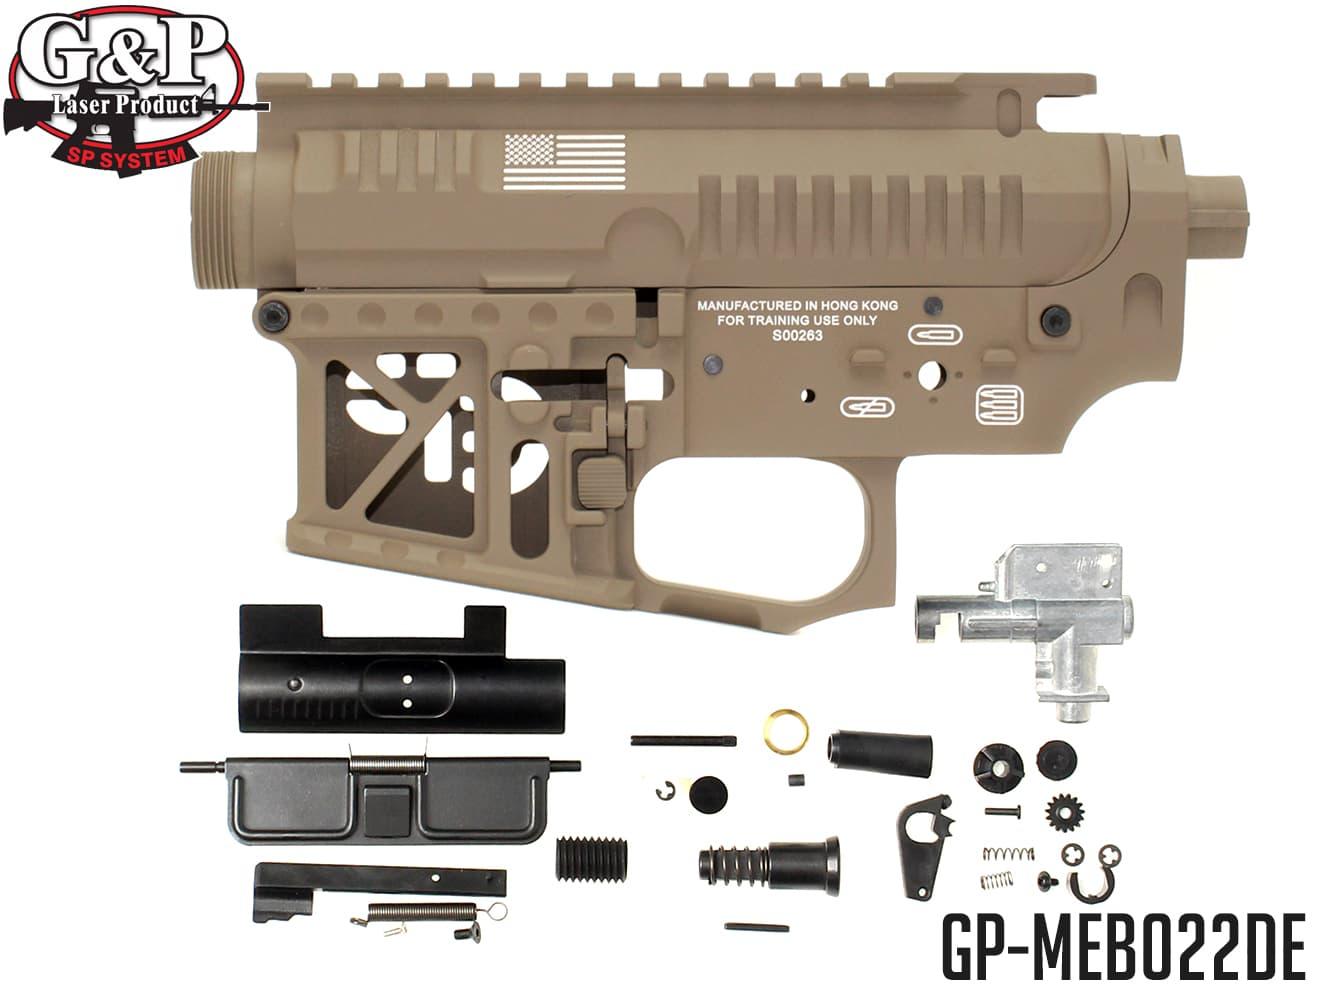 G&P Signature メタルフレーム for F.R.S. システム◆FRSシステム用 メタルレシーバー テーパーバレル対応 軽量 マルイ STD 電動ガン AEG M4 バージョン2 M4A1